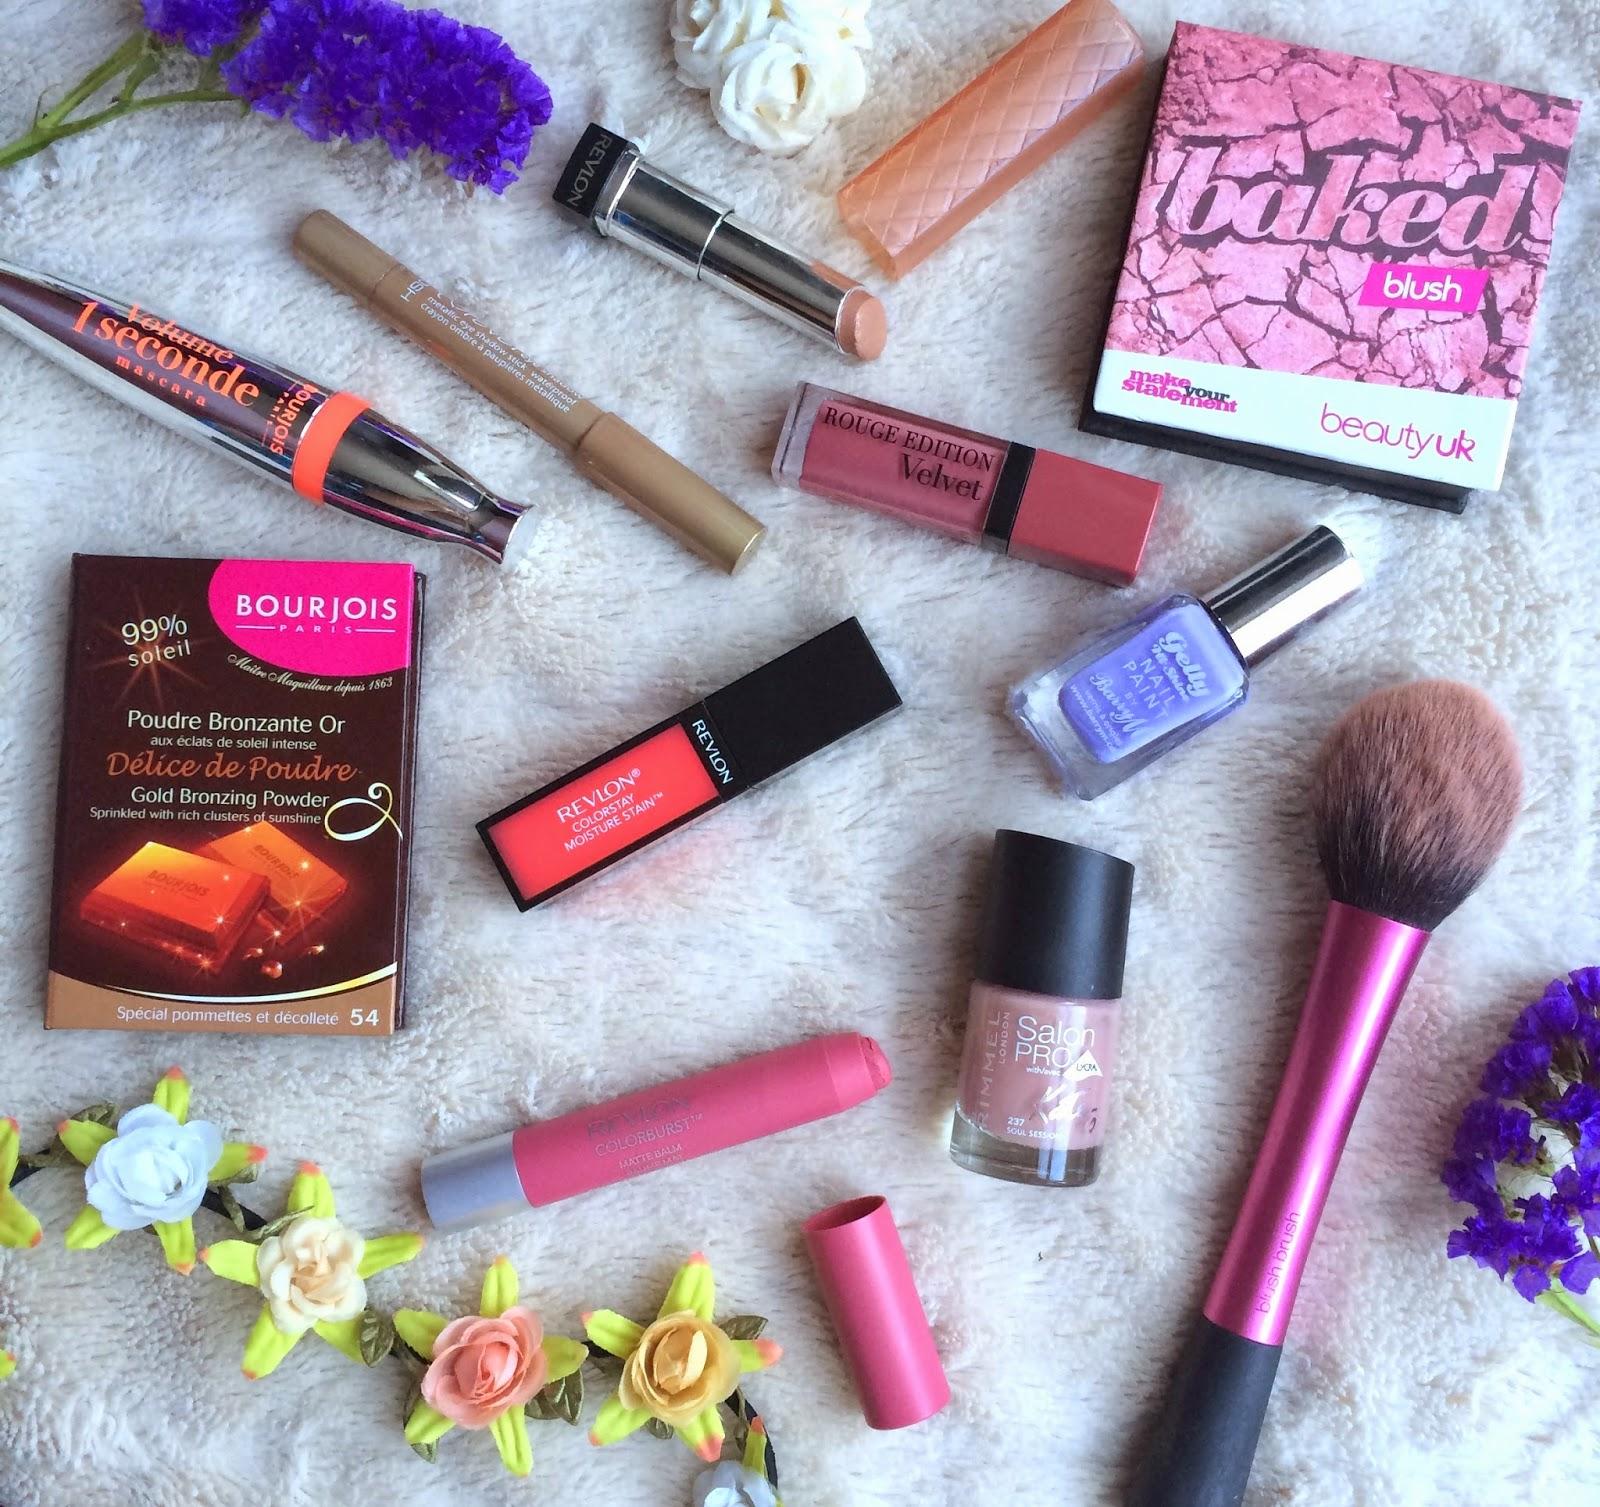 revlon-beauty-uk-blush--rimmel-salon-pro-bourjois-under-£10-review